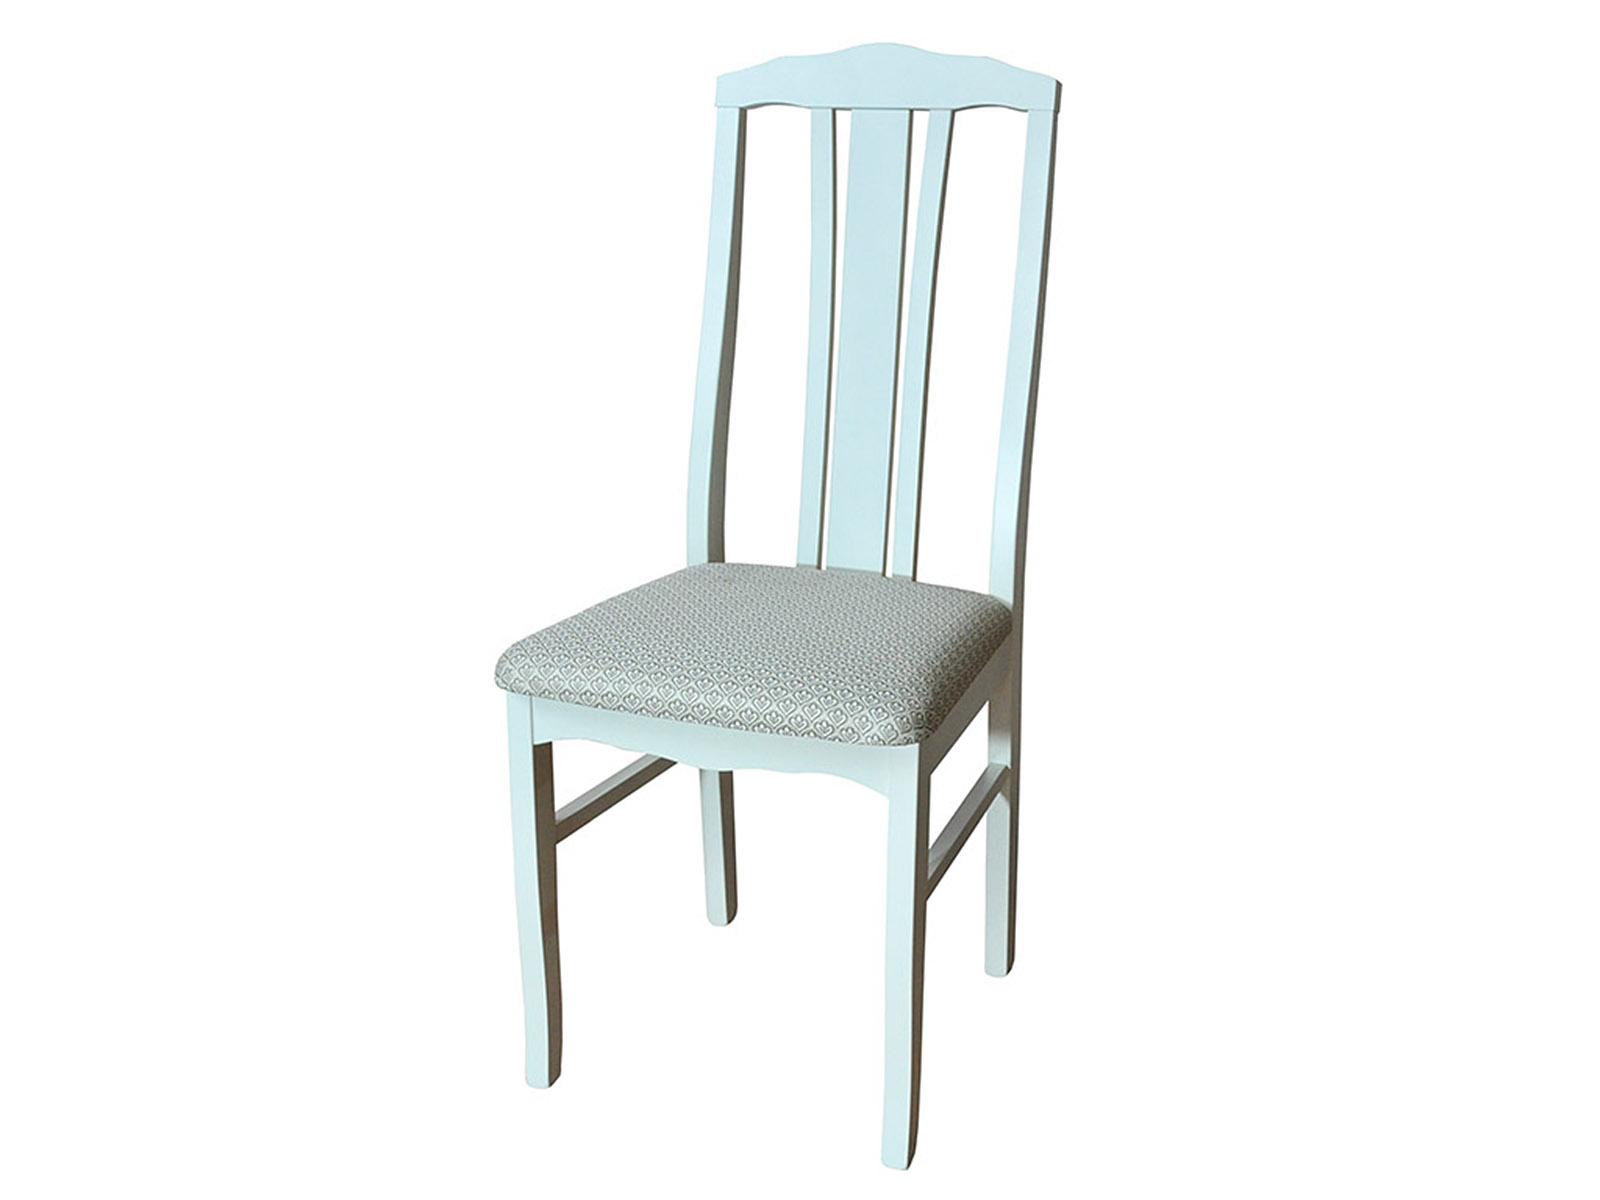 Фото - Стул С-3 / Тон 308 / Агата Серая ( Комплект 2 шт. ) стул с 3 тон 308 агата серая комплект 2 шт